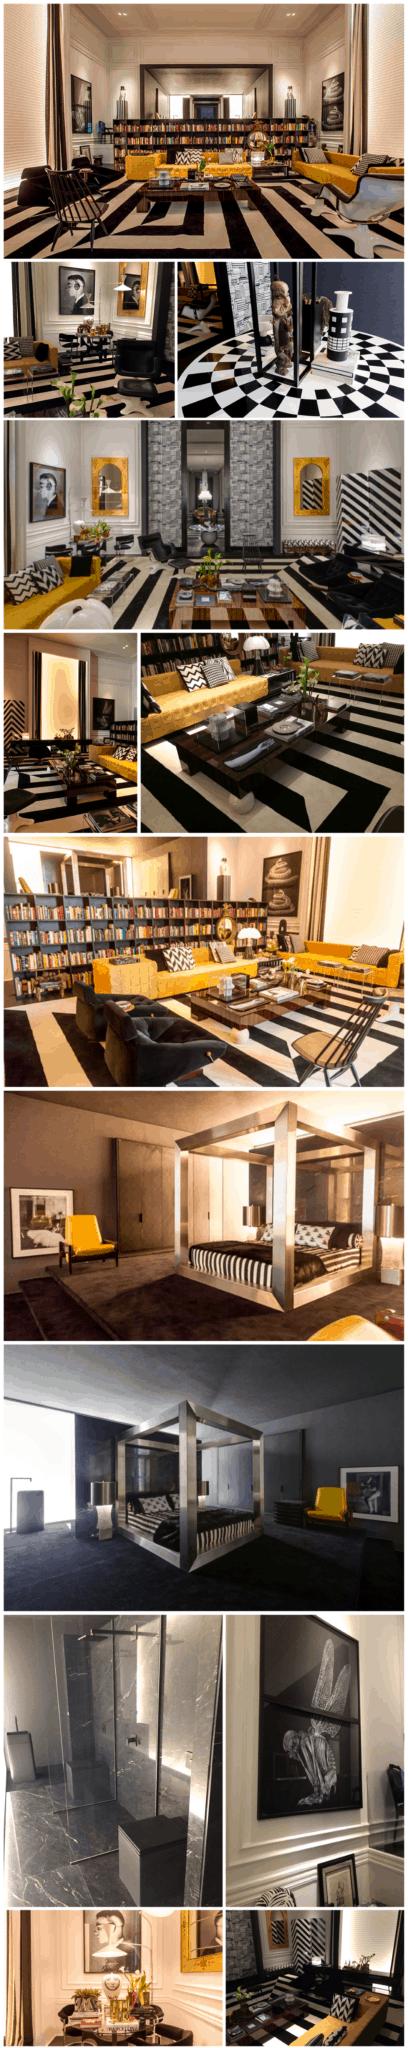 galeria-todeschini-guilherme-torres-casa-cor-decorar-com-charme